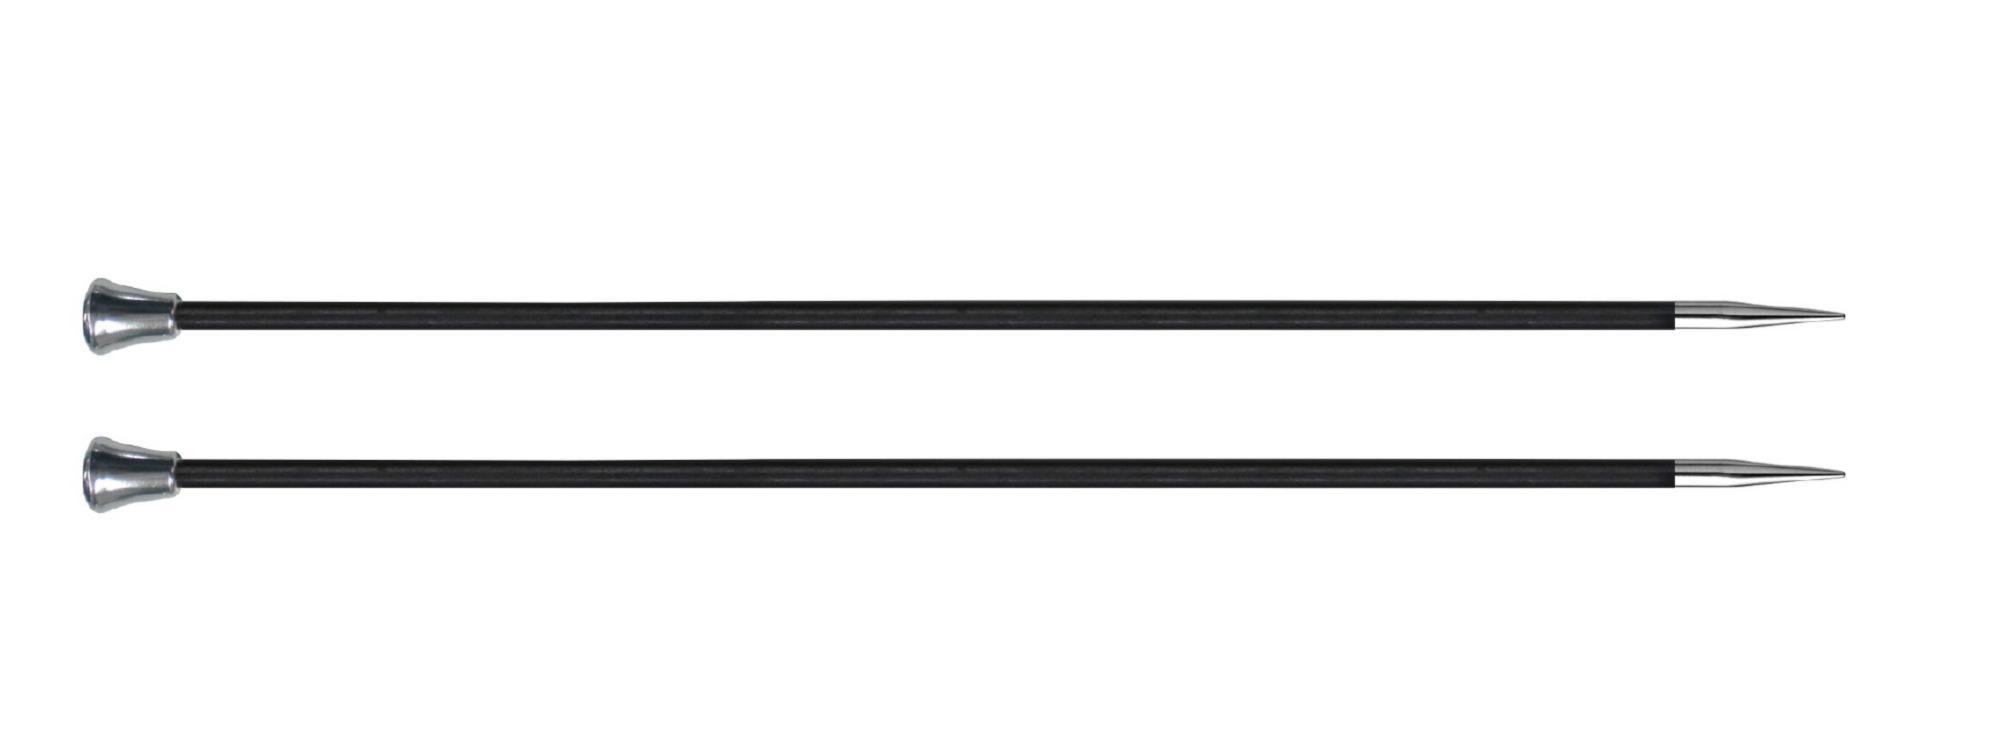 Спицы прямые 35 см Karbonz KnitPro, 41291, 5.50 мм